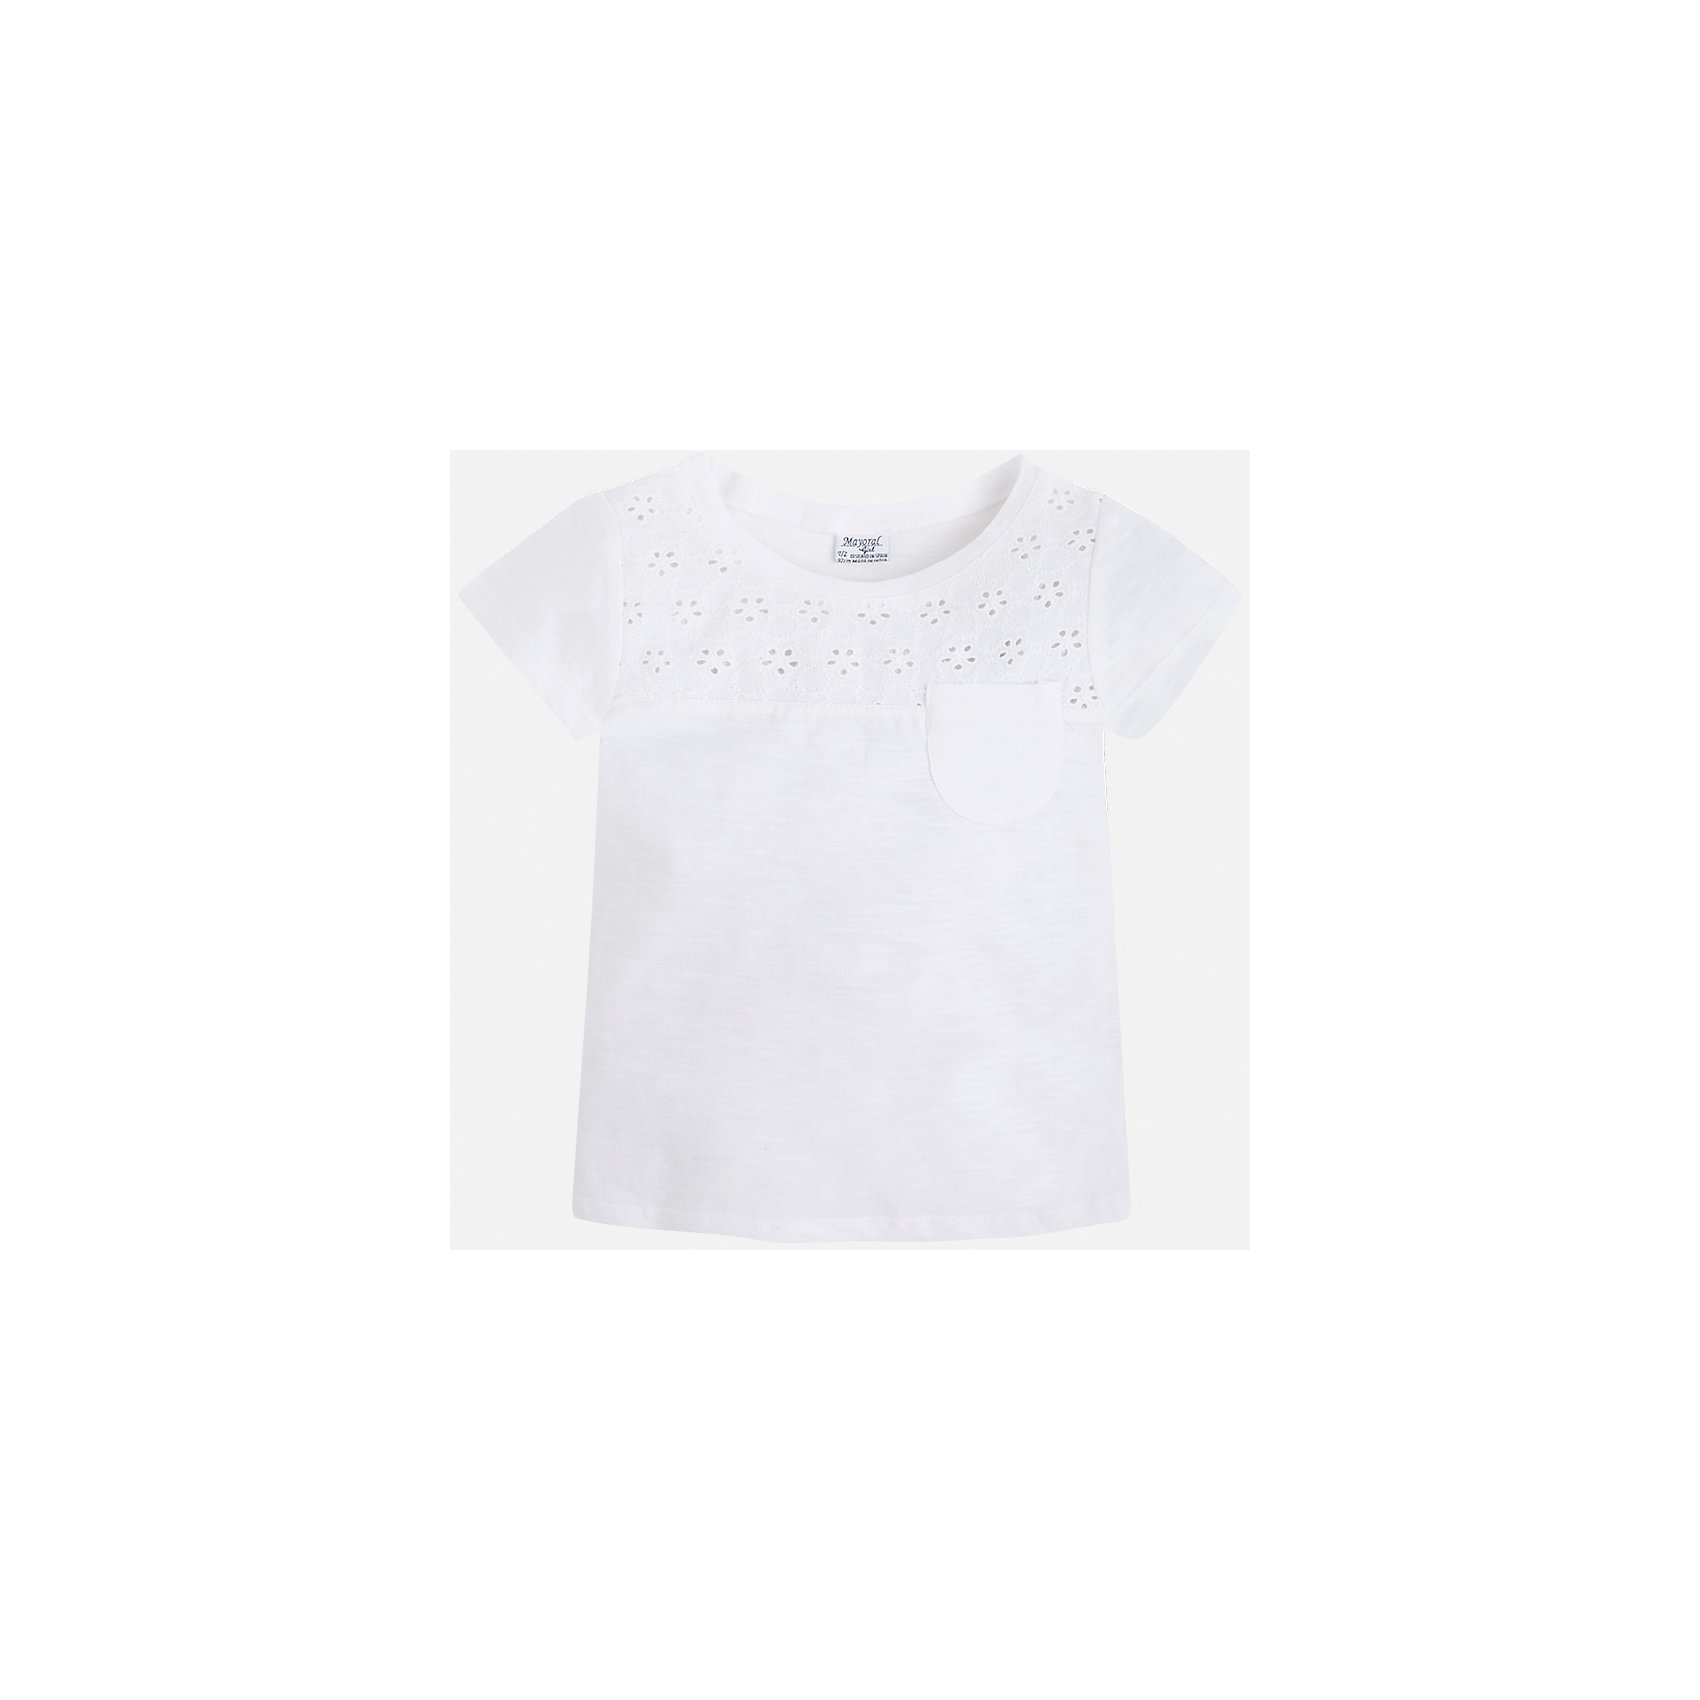 Футболка для девочки MayoralФутболки, поло и топы<br>Характеристики товара:<br><br>• цвет: белый<br>• состав: 100% хлопок<br>• карман<br>• ажурный верх<br>• короткие рукава<br>• округлый горловой вырез<br>• страна бренда: Испания<br><br>Стильная качественная футболка для девочки поможет разнообразить гардероб ребенка и украсить наряд. В составе ткани преобладает натуральный хлопок, гипоаллергенный, приятный на ощупь, дышащий.<br><br>Футболку для девочки от испанского бренда Mayoral (Майорал) можно купить в нашем интернет-магазине.<br><br>Ширина мм: 199<br>Глубина мм: 10<br>Высота мм: 161<br>Вес г: 151<br>Цвет: белый<br>Возраст от месяцев: 24<br>Возраст до месяцев: 36<br>Пол: Женский<br>Возраст: Детский<br>Размер: 110,116,98,122,104<br>SKU: 5587404